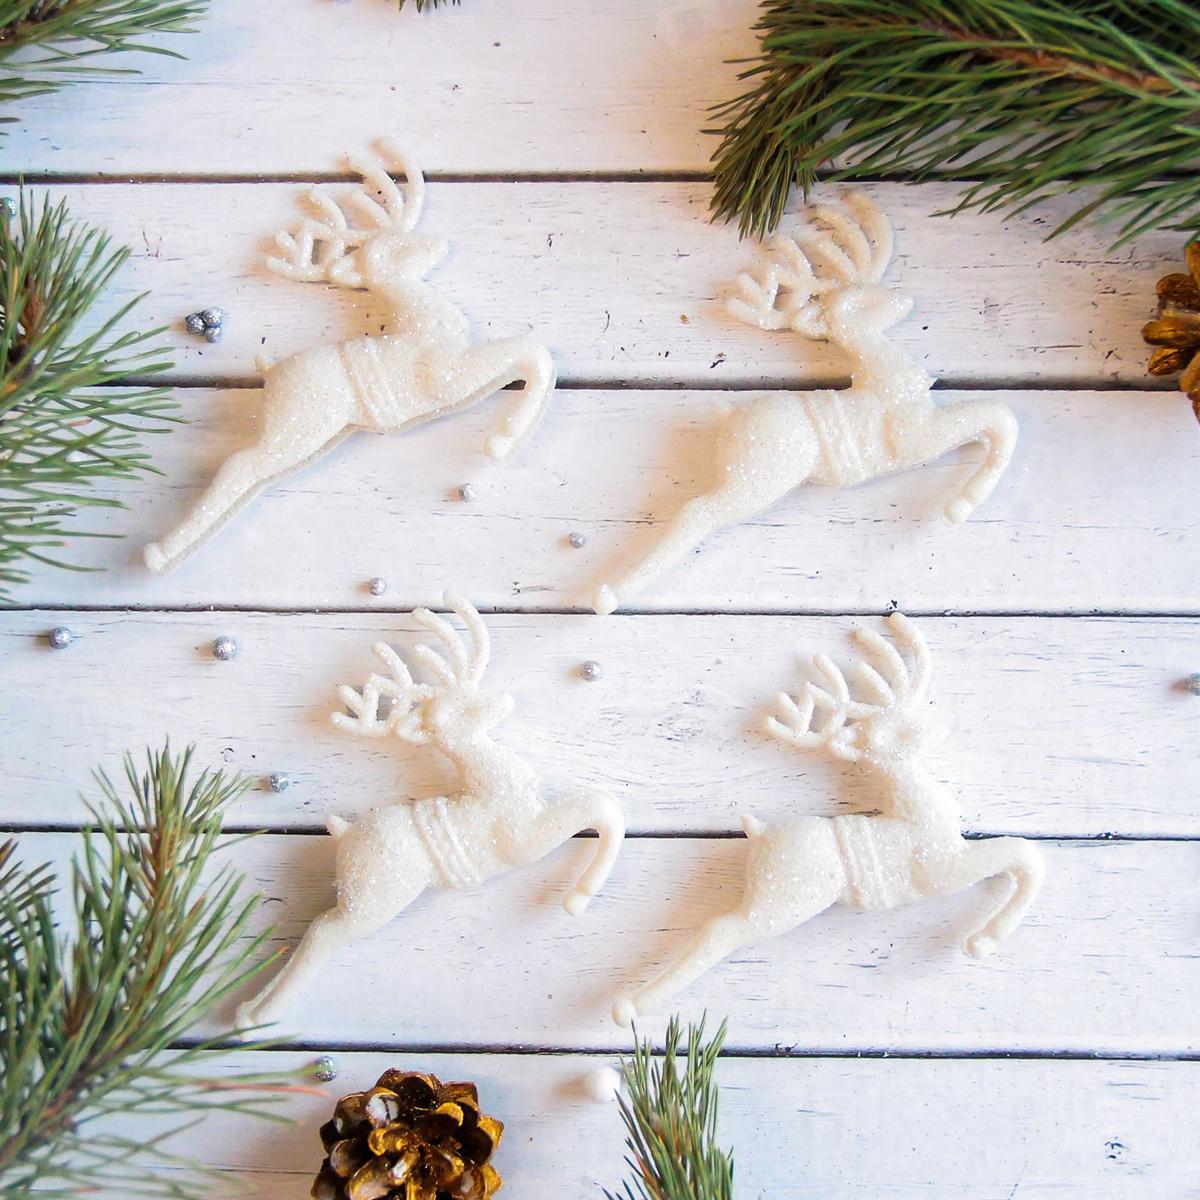 Набор новогодних подвесных украшений Sima-land Белый олень. Скачущие, 9 х 5 см, 4 шт2371301Набор новогодних подвесных украшений Sima-land отлично подойдет для декорации вашего дома и новогодней ели. Новогодние украшения можно повесить в любом понравившемся вам месте. Но, конечно, удачнее всего они будет смотреться на праздничной елке.Елочная игрушка - символ Нового года. Она несет в себе волшебство и красоту праздника. Такое украшение создаст в вашем доме атмосферу праздника, веселья и радости.